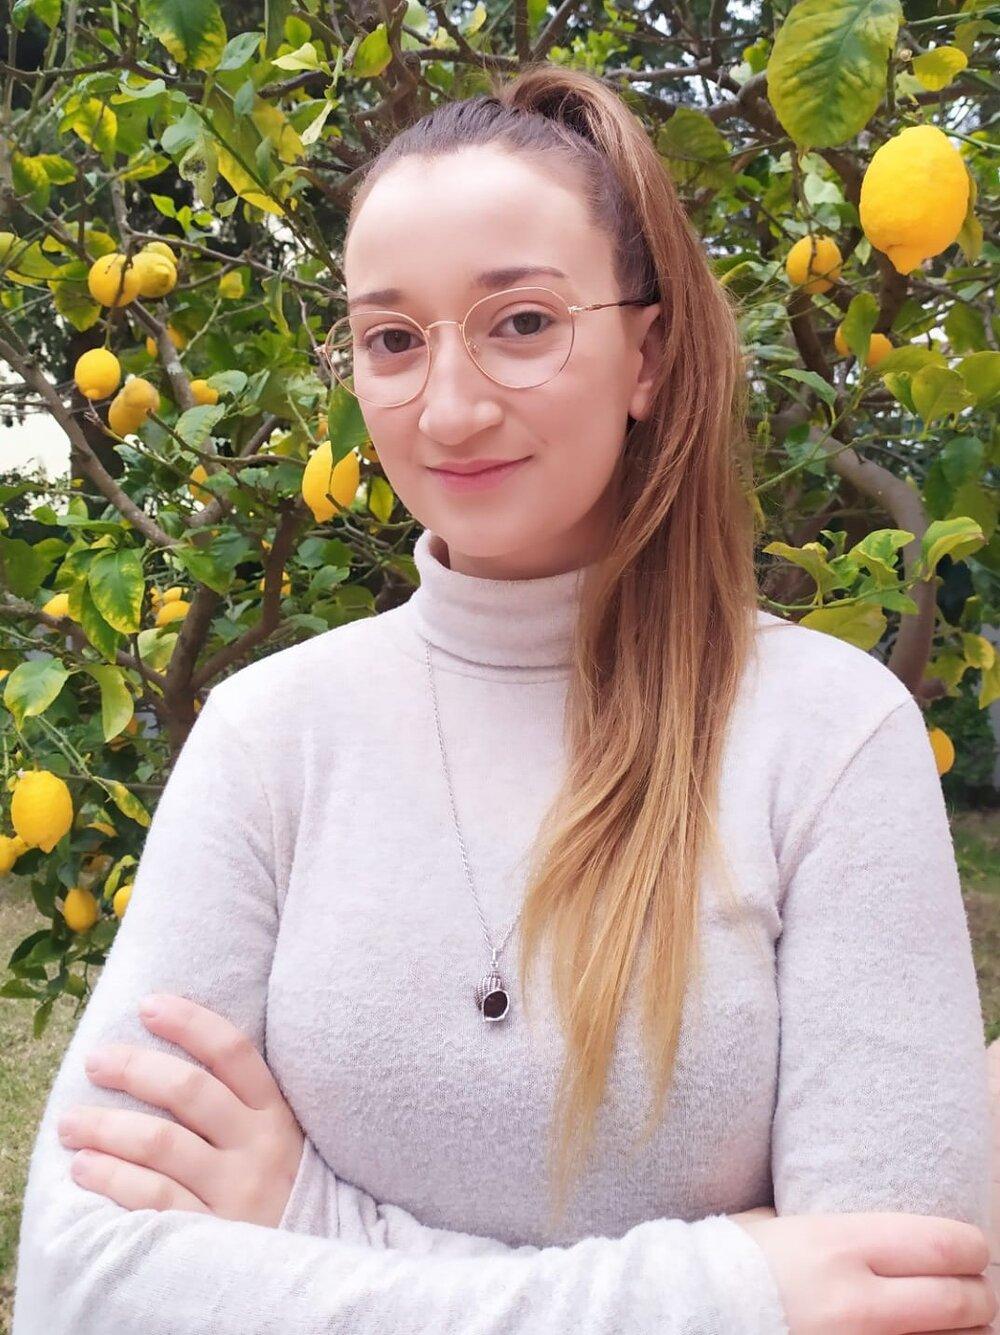 Ana Catarina Salgado